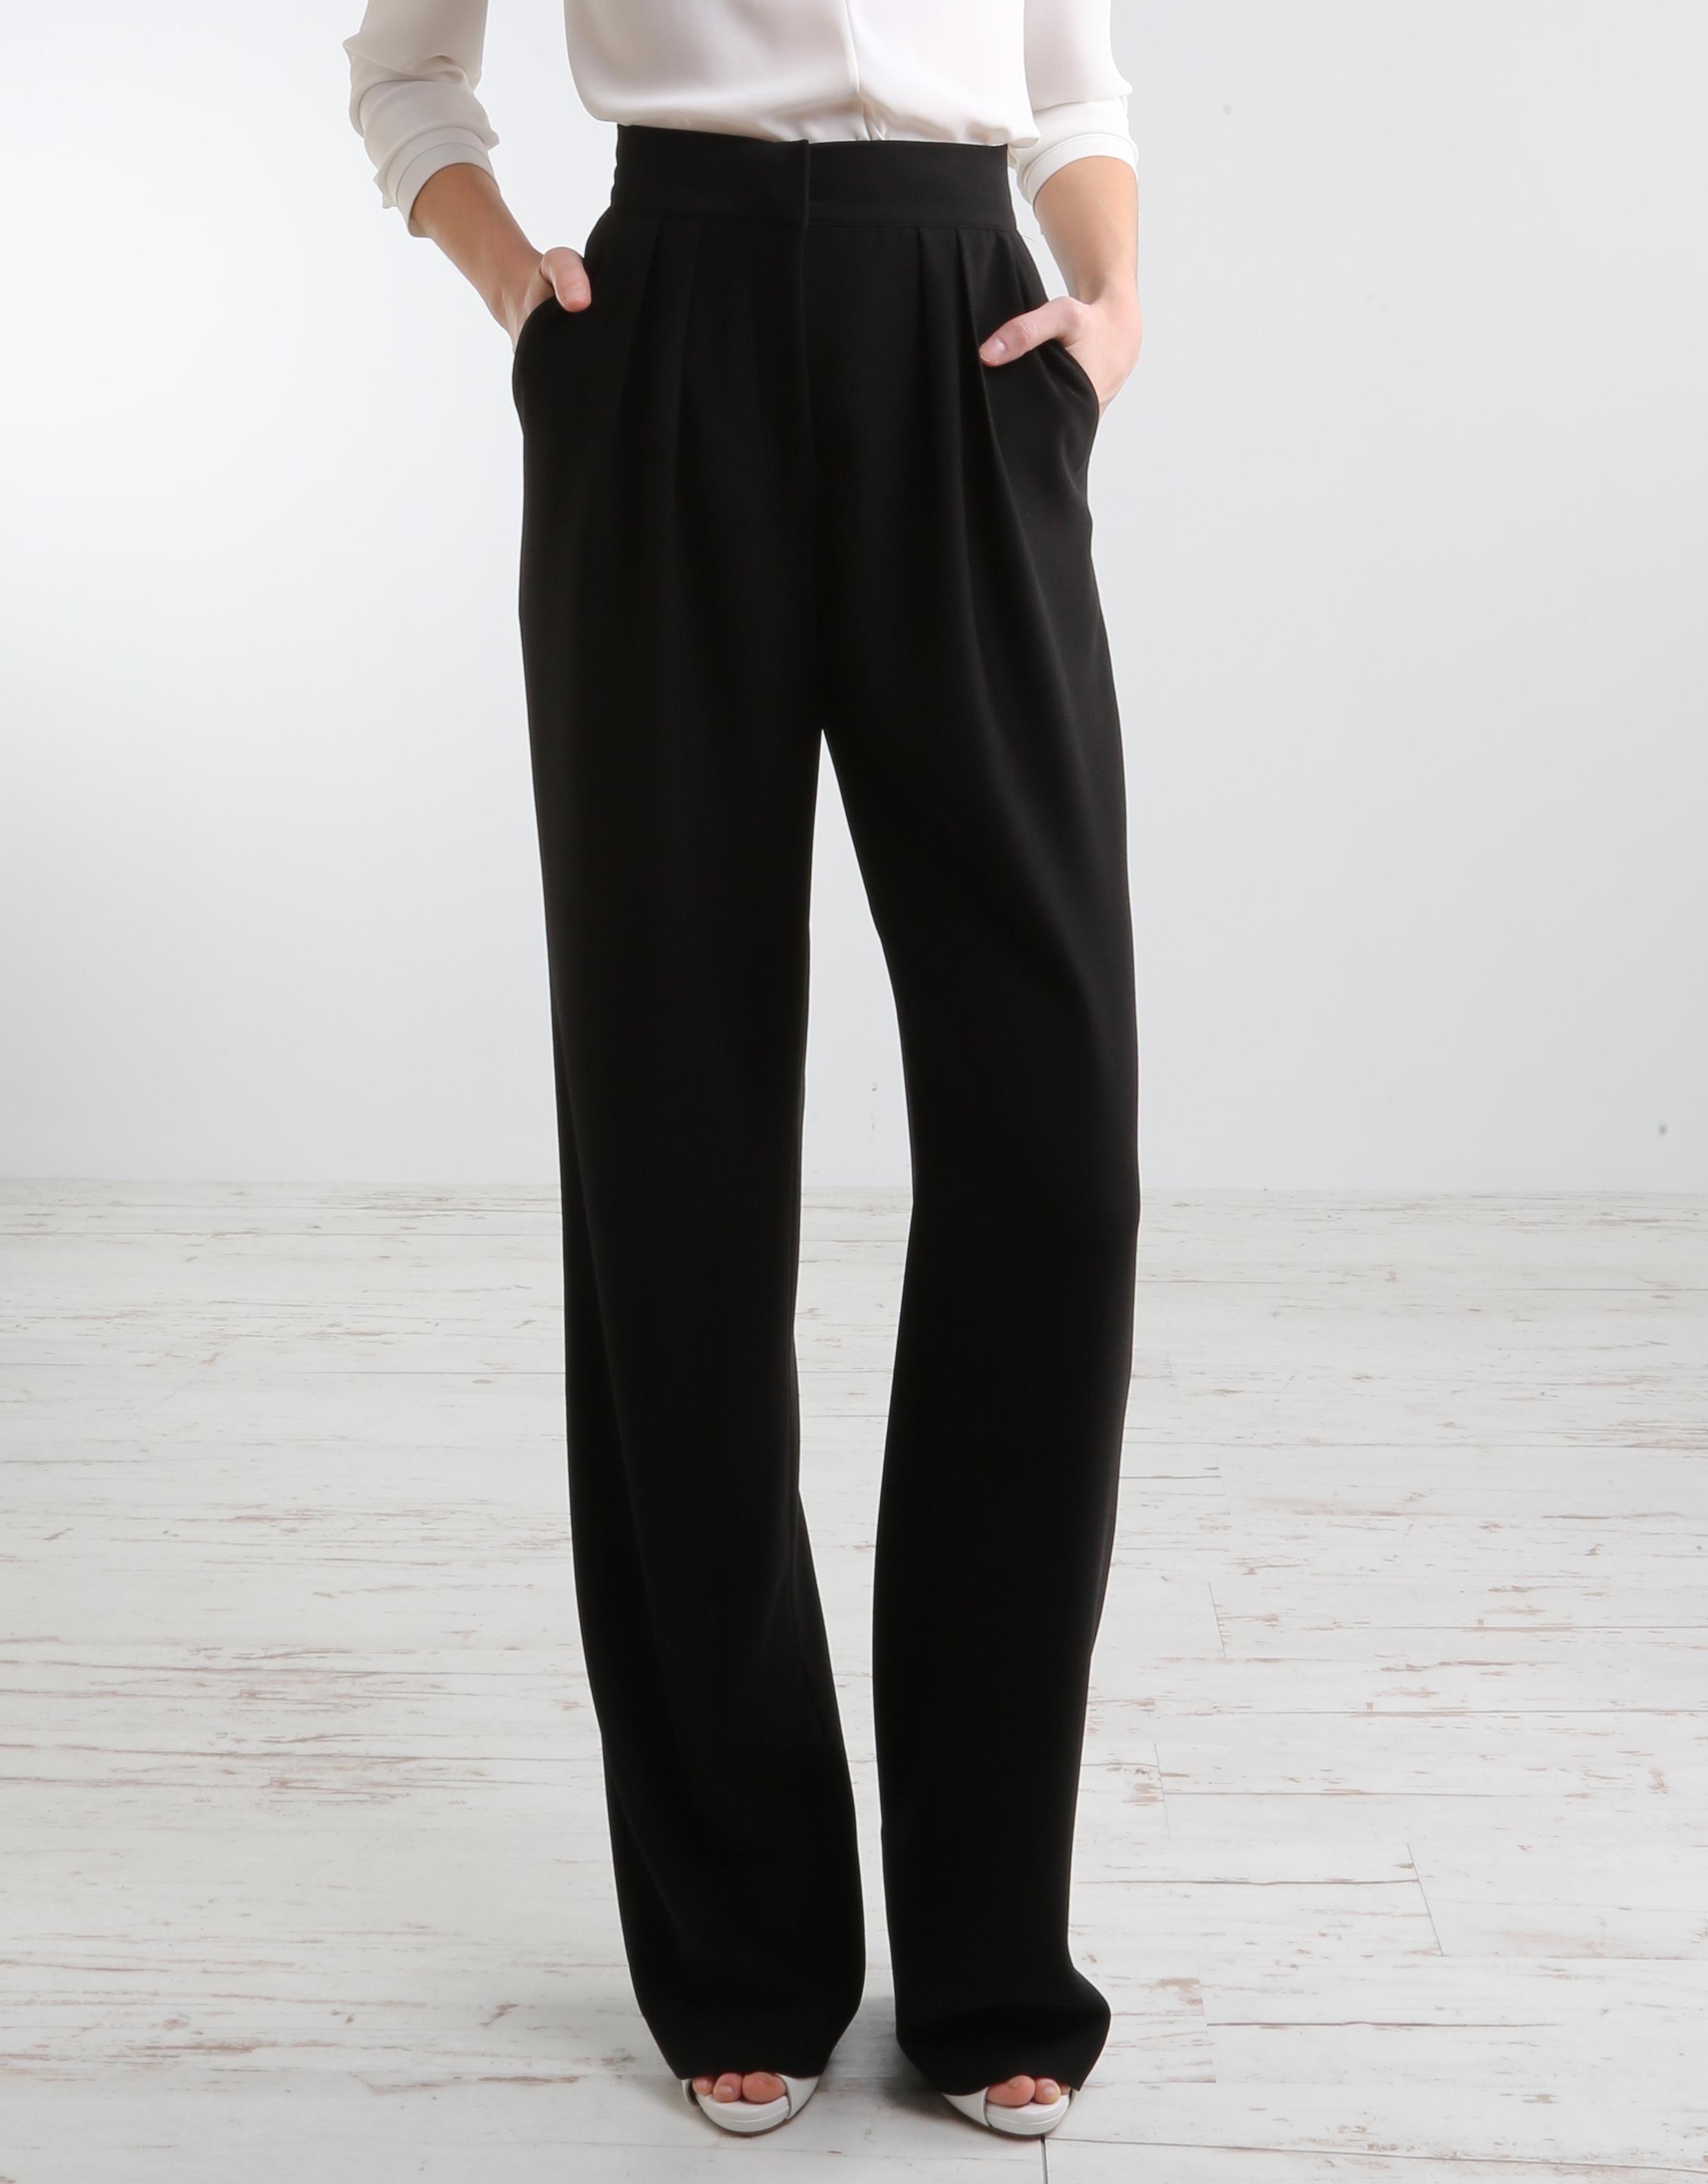 Los pantalones anchos en materiales ligeros son una de las apuestas más comunes que podéis encontrar en low-cost. Además del blanco y el negro, los colores vivos son una apuesta en seguro como éstos en rojo de Zara (39,95 euros).